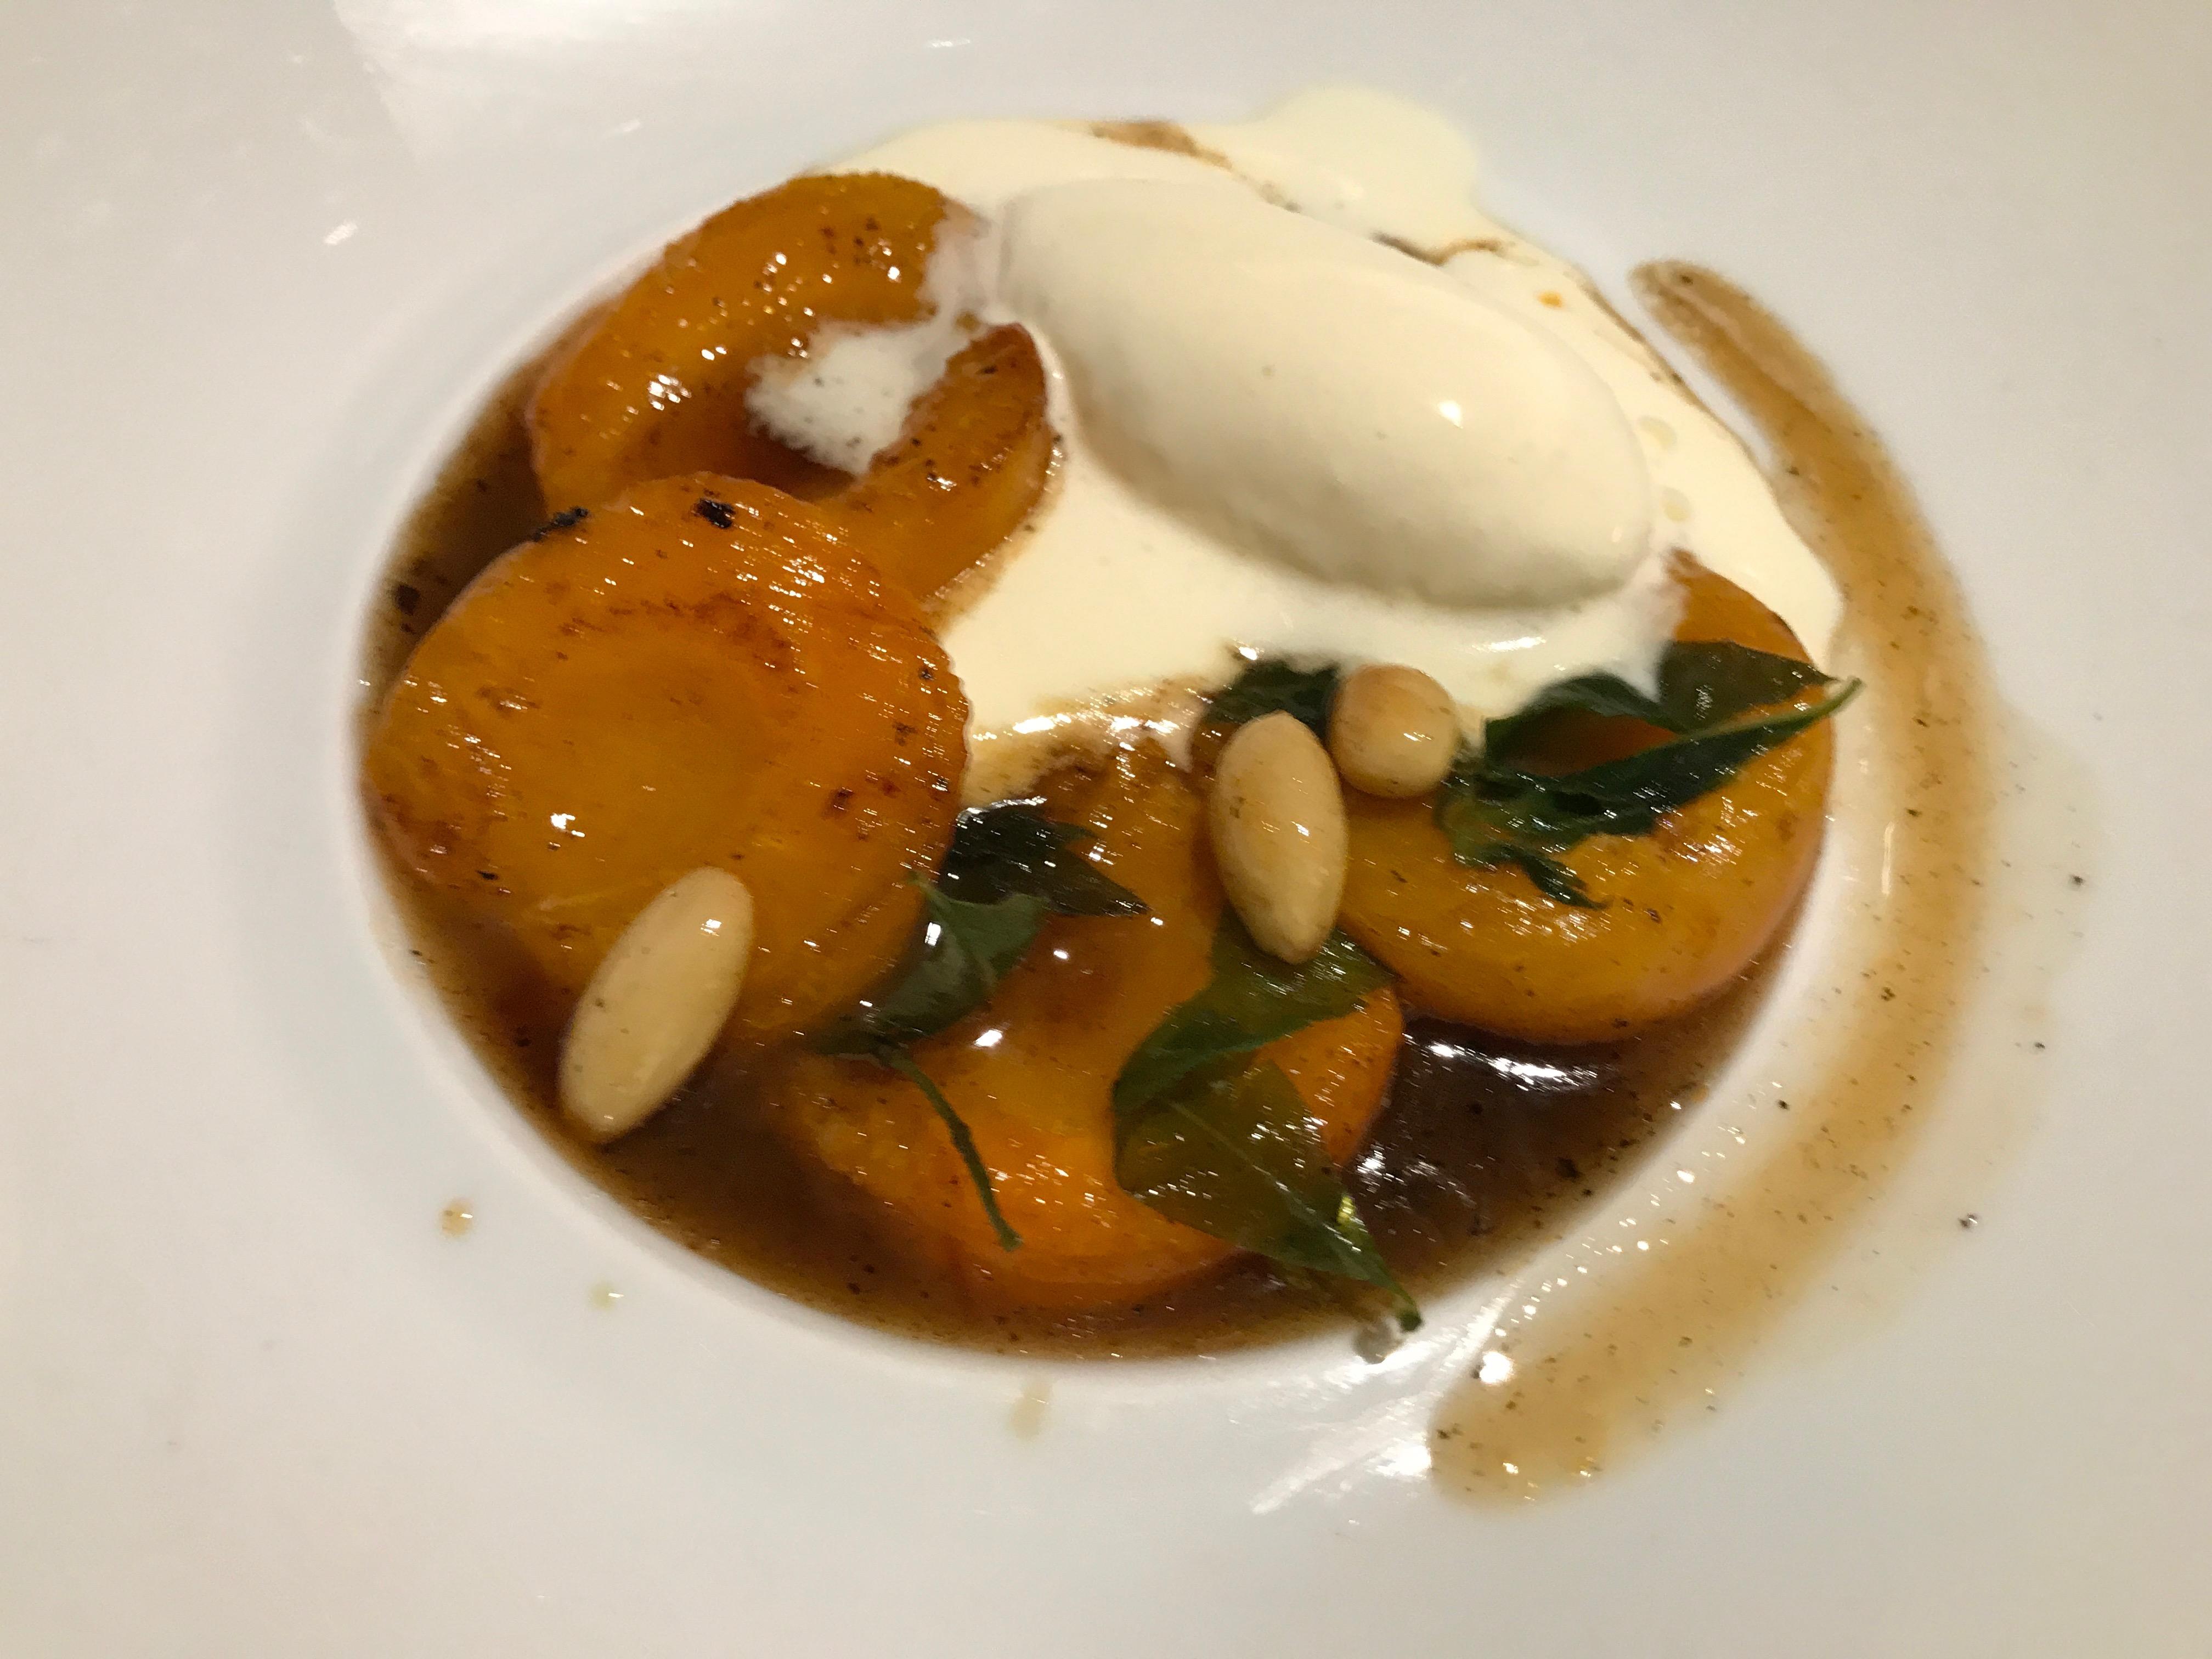 Poached apricots at Le Villaret restaurant in Paris